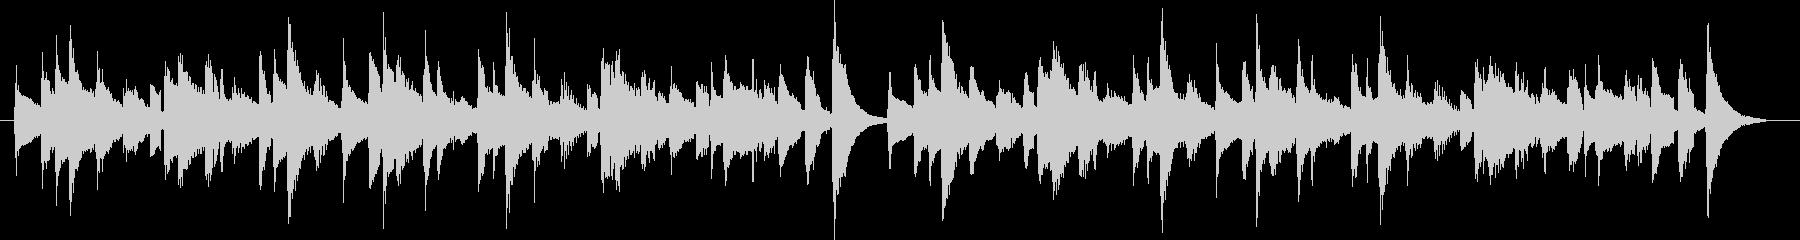 20秒のシンプルで短いコミカルな曲です。の未再生の波形